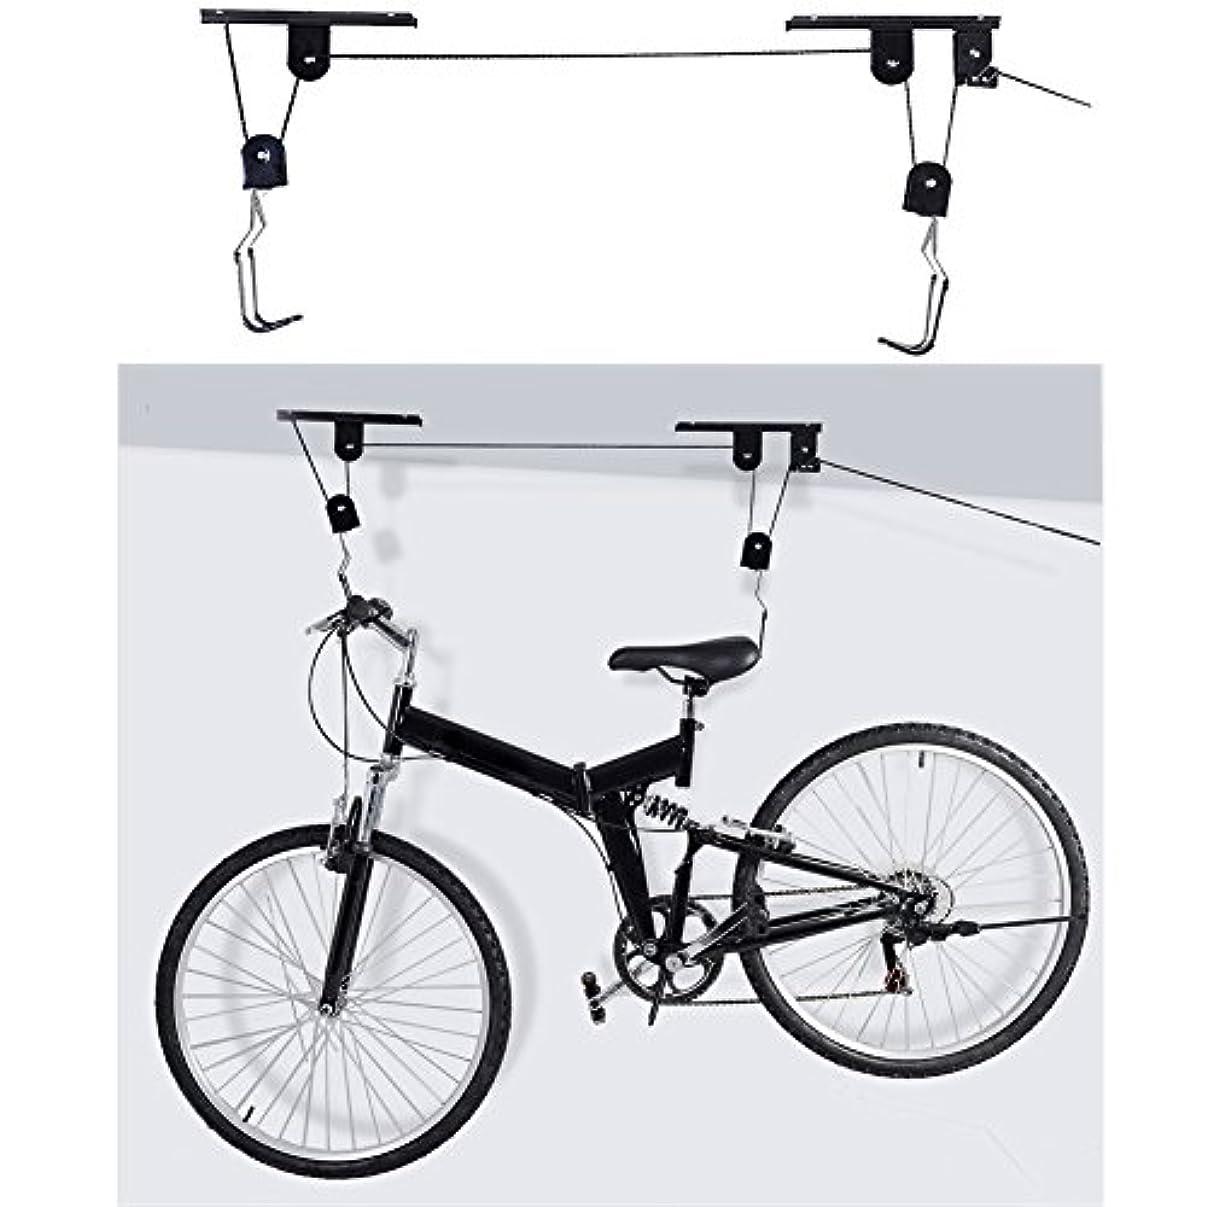 ヶ月目ひらめきリネンk-outdoor 自転車リフト バイクラック 天吊 自転車スタンド 自転車吊り下げ フック 省スペース